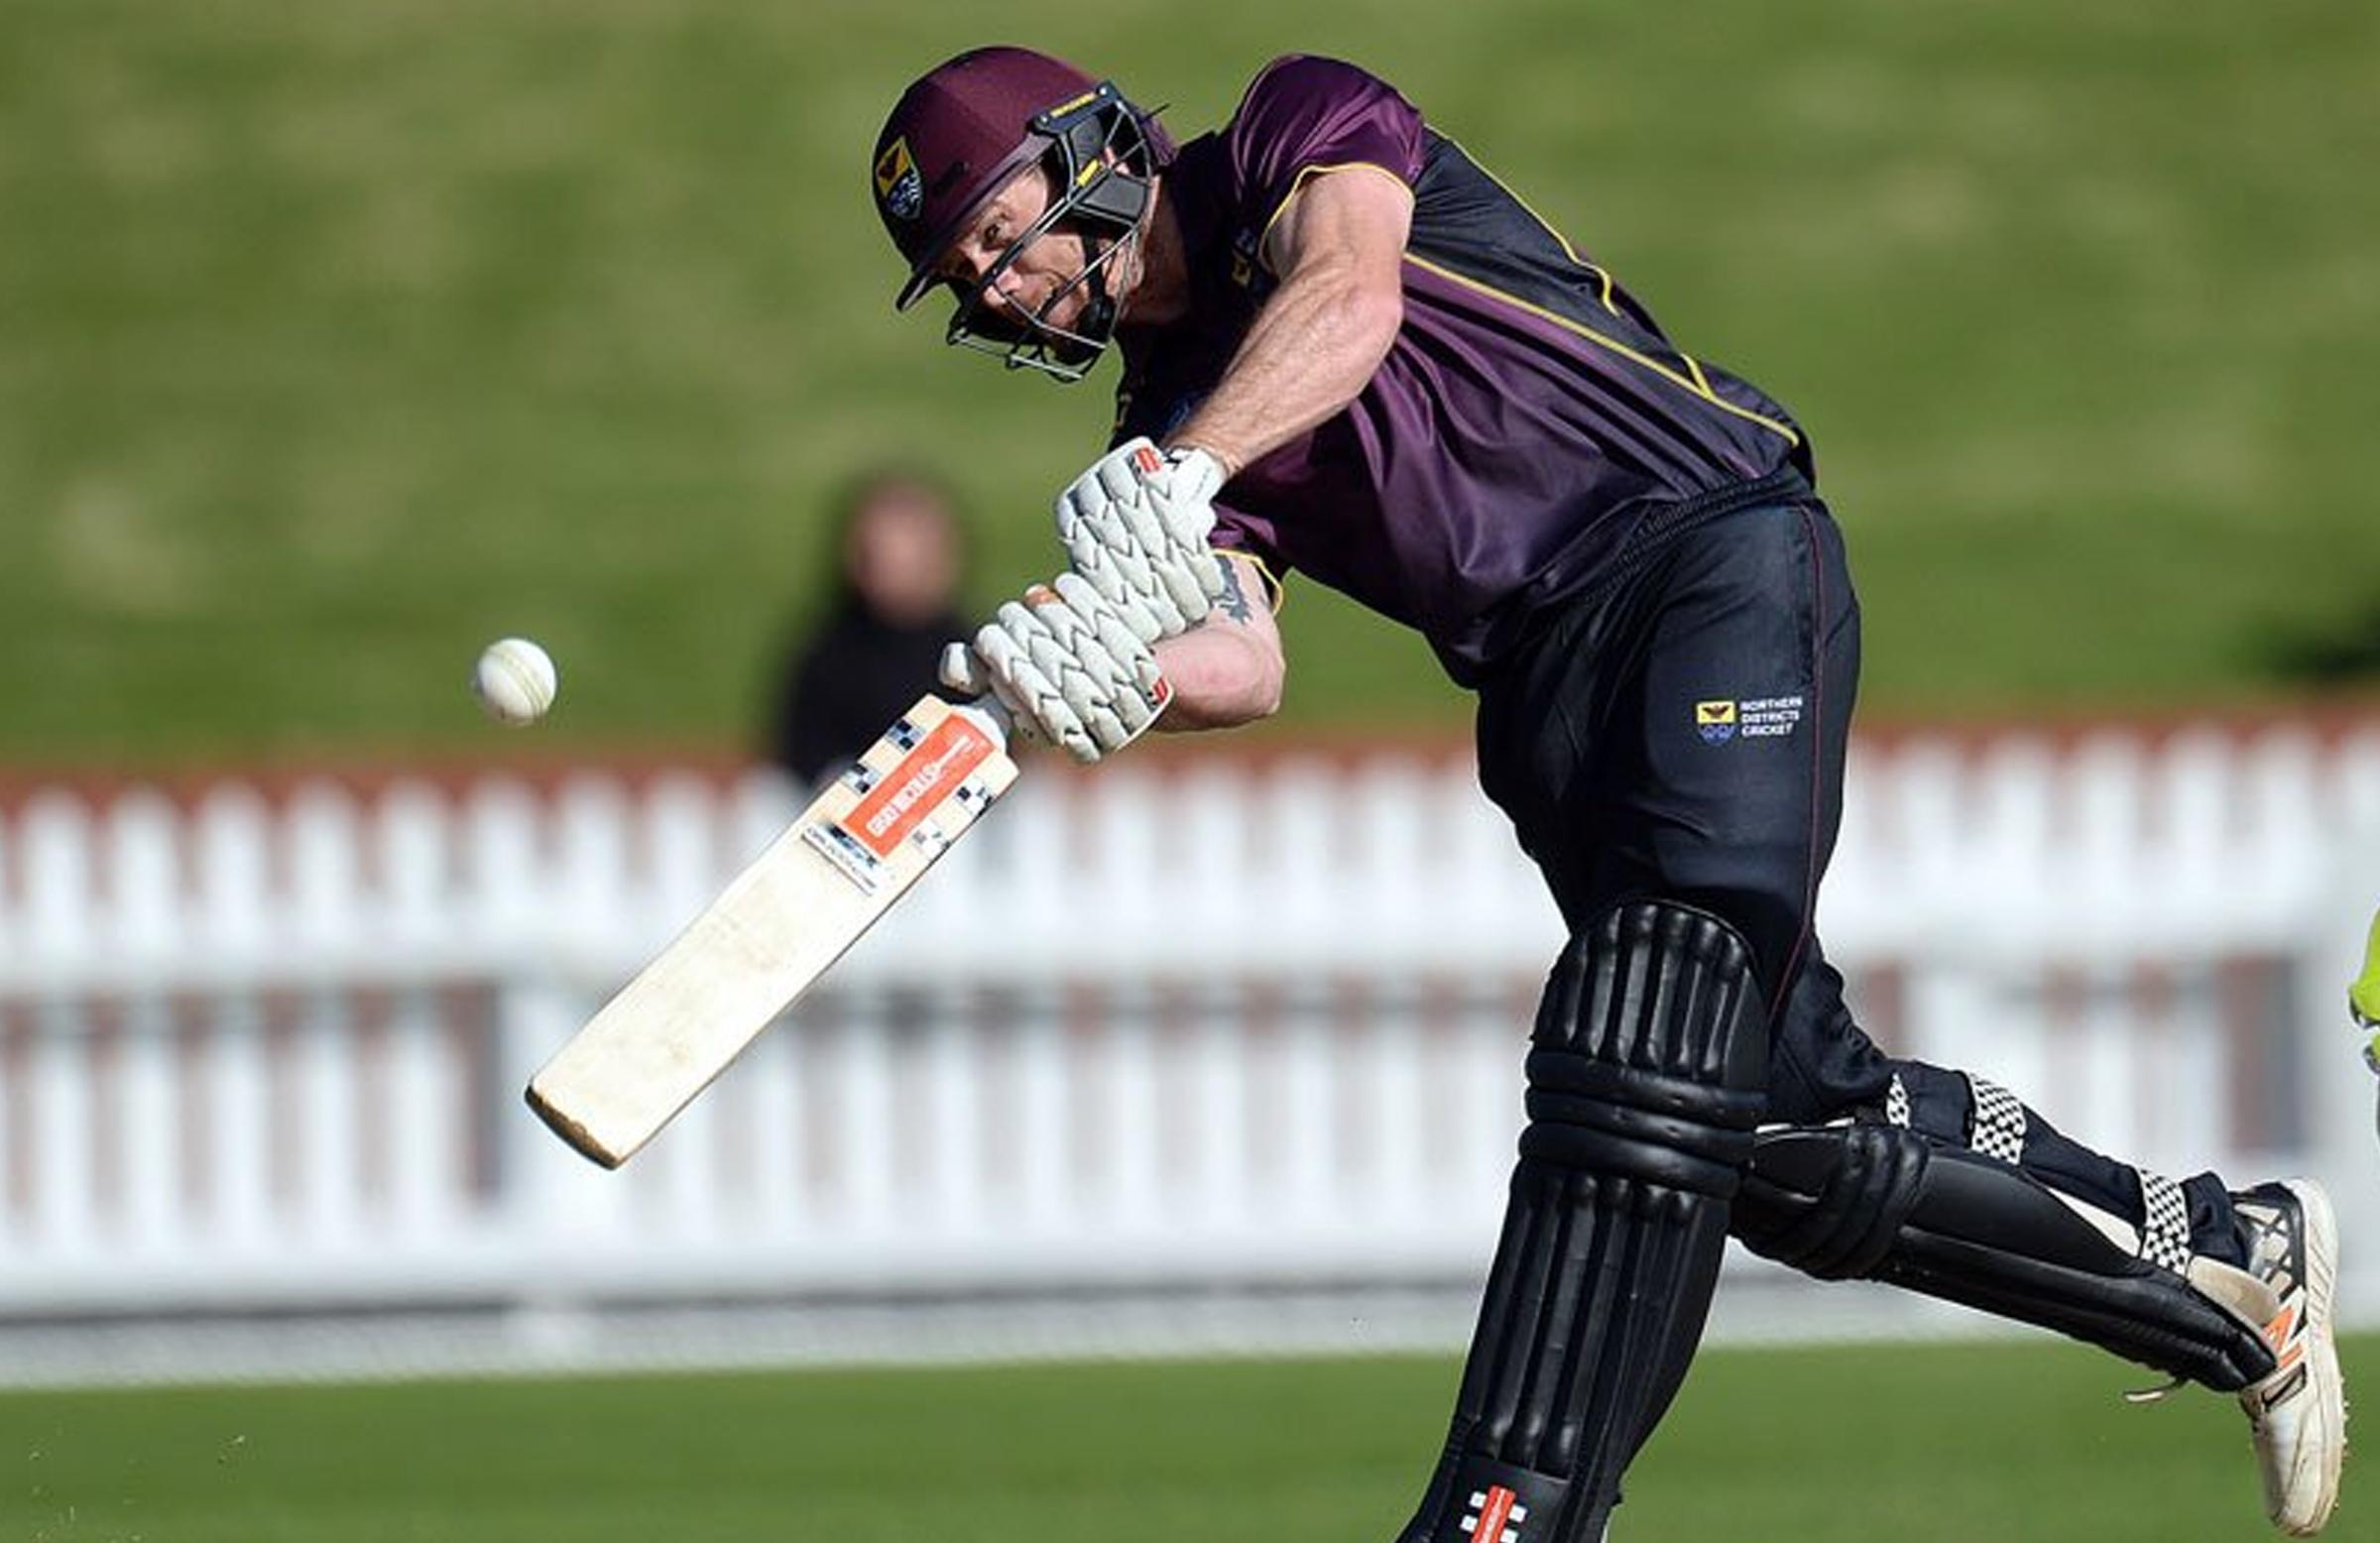 एकै ओभरमा ४३ रन, न्यूजिल्याण्डका खेलाडीले बनाए नयाँ कीर्तिमान